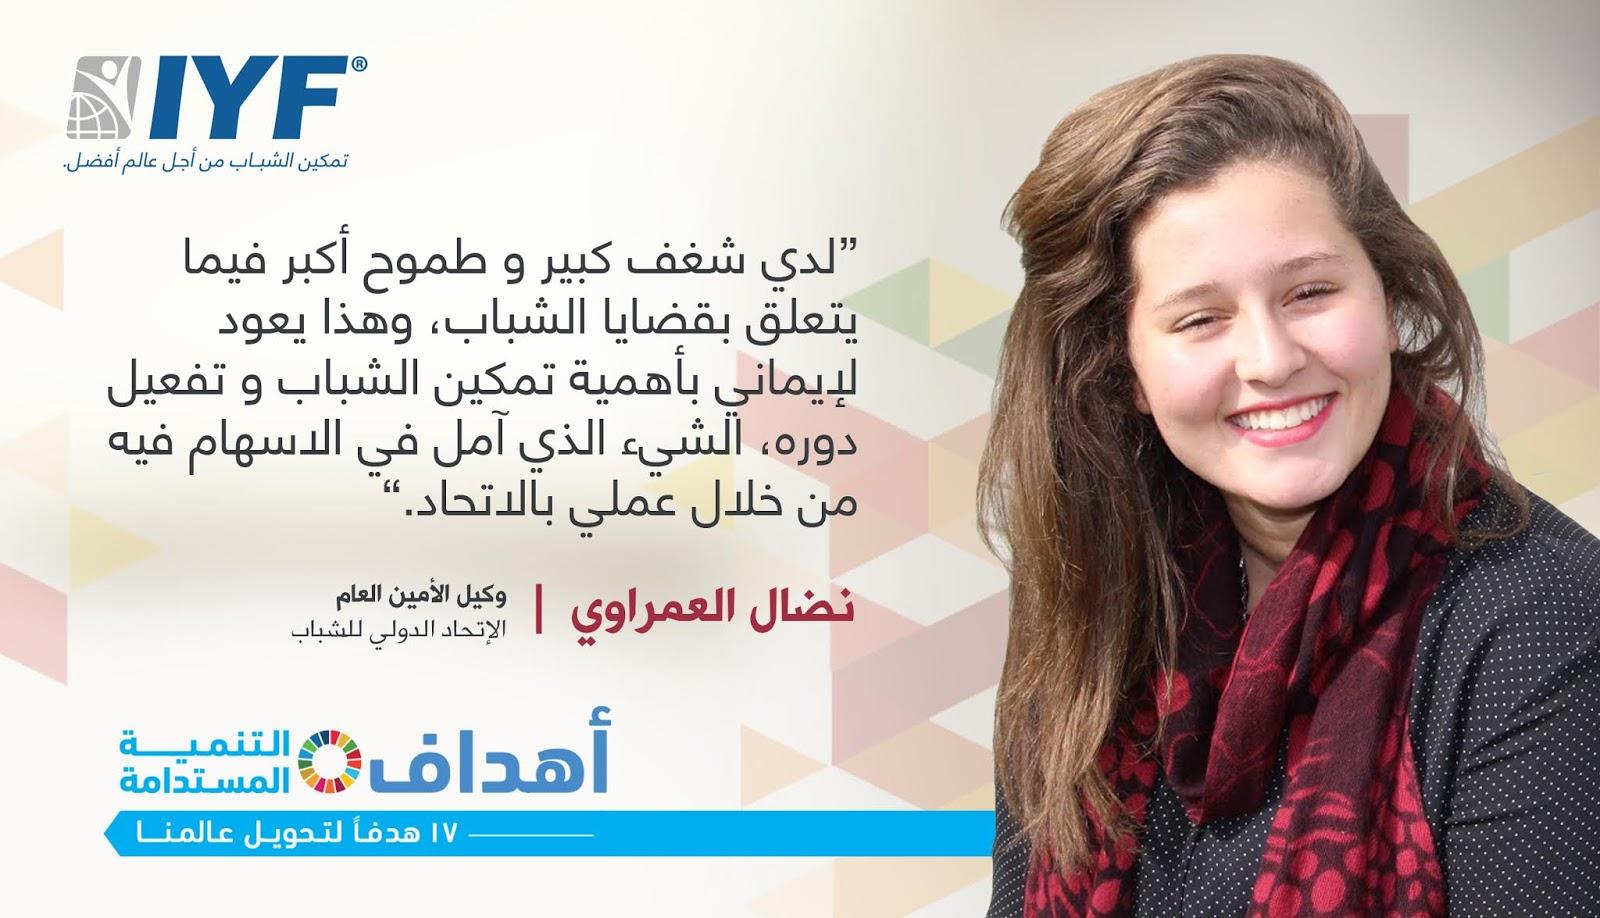 نضال العمراوي، وكيل لأمين العام – الإتحاد الدولي للشباب